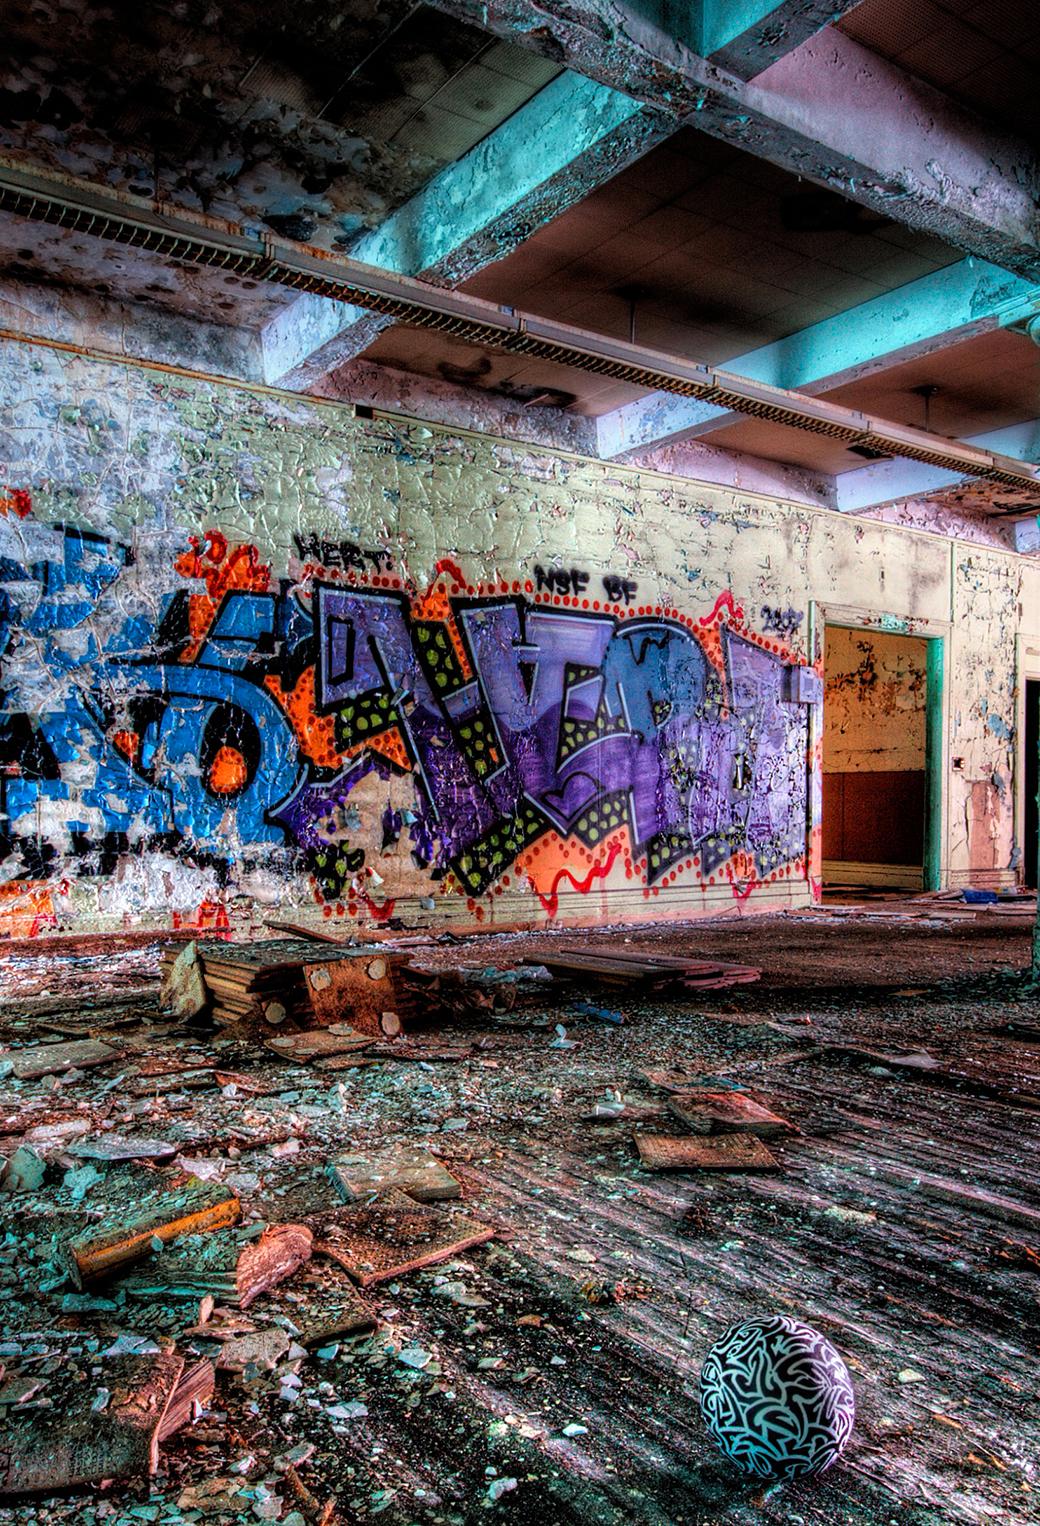 Graffiti art wallpaper iphone - Graffiti Art Inside 3wallpapers Iphone Parallax